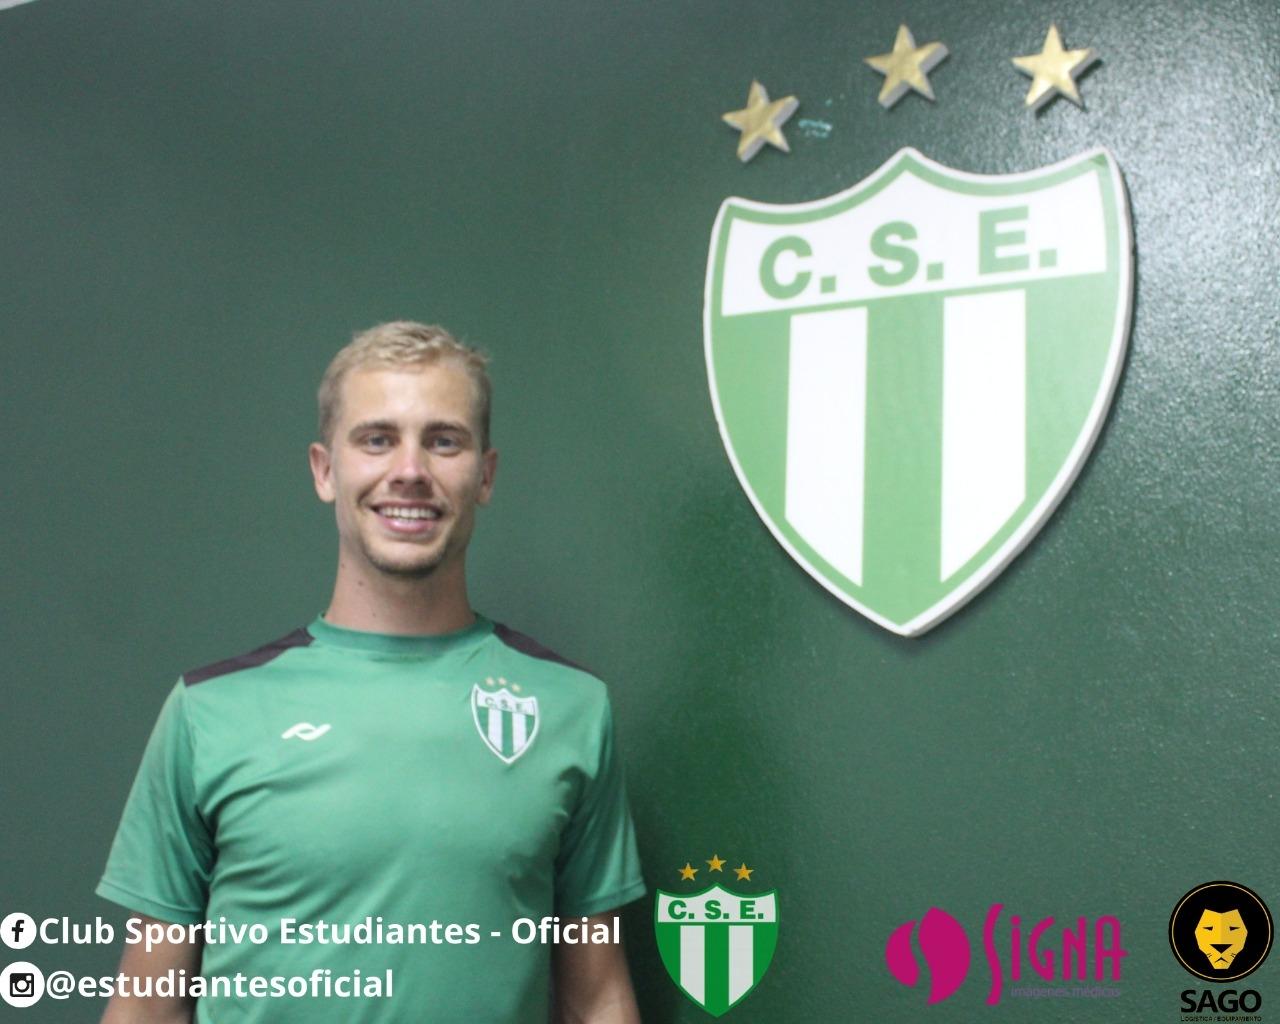 El piquense, Federico Vasilchik, jugará en Estudiantes de San Luis